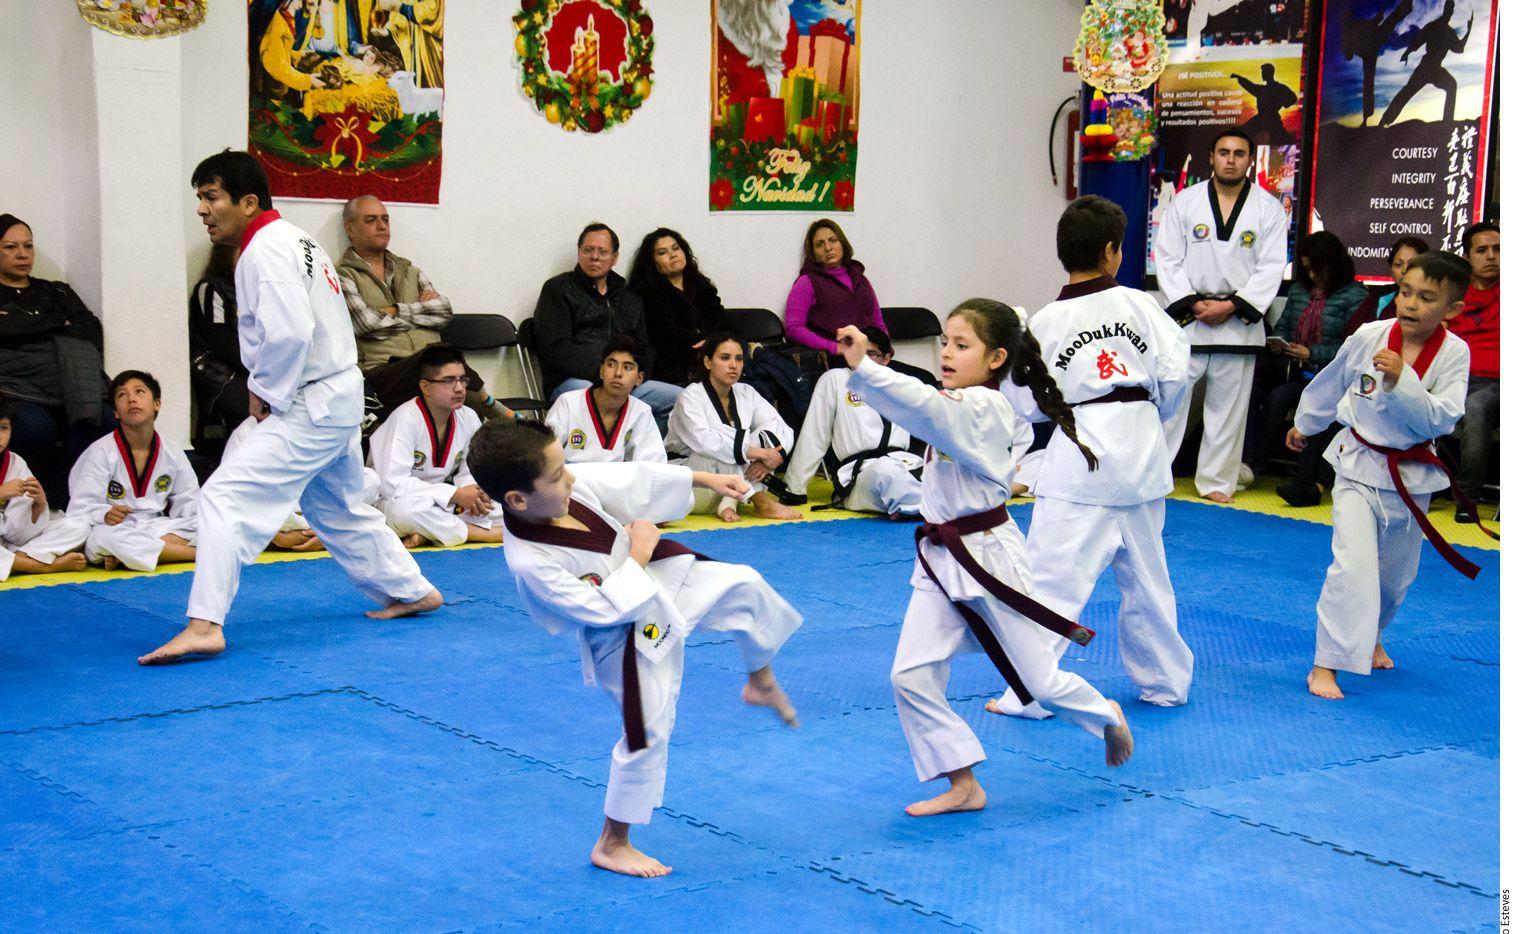 La tolerancia y la no violencia es uno de los valores que promueve el taekwondo. AGENCIA REFORMA